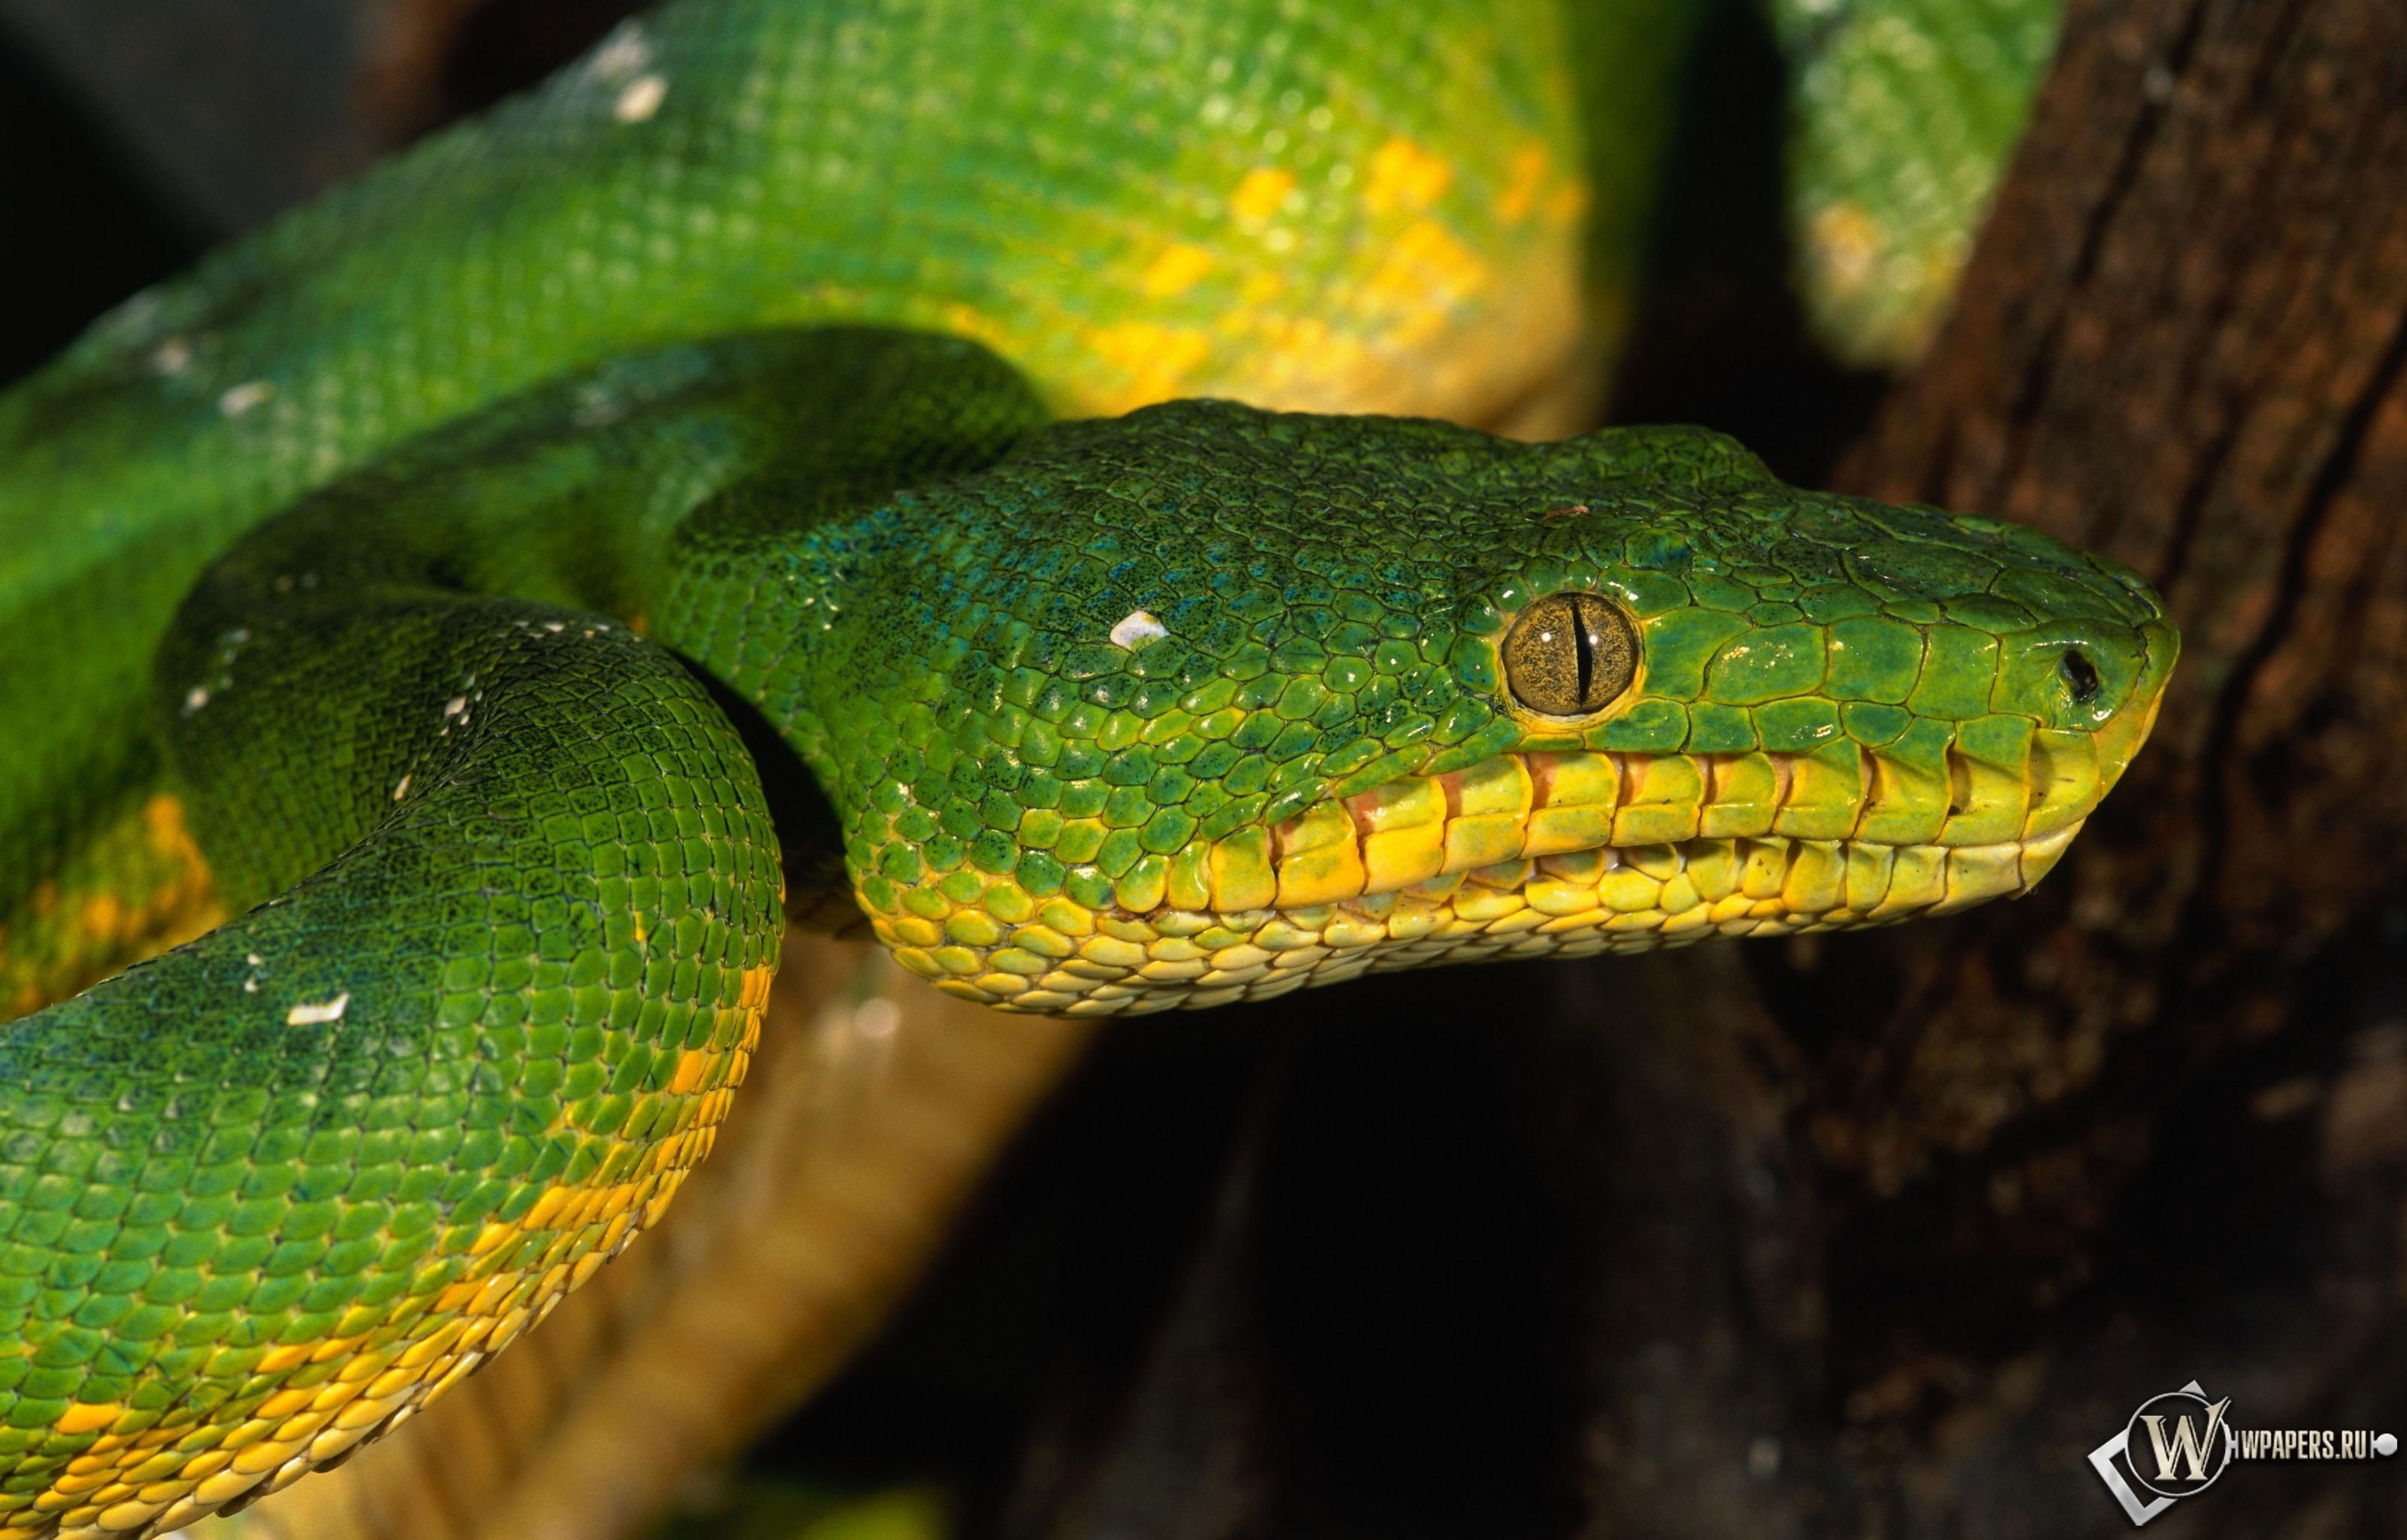 Зеленая змея 3200x2048